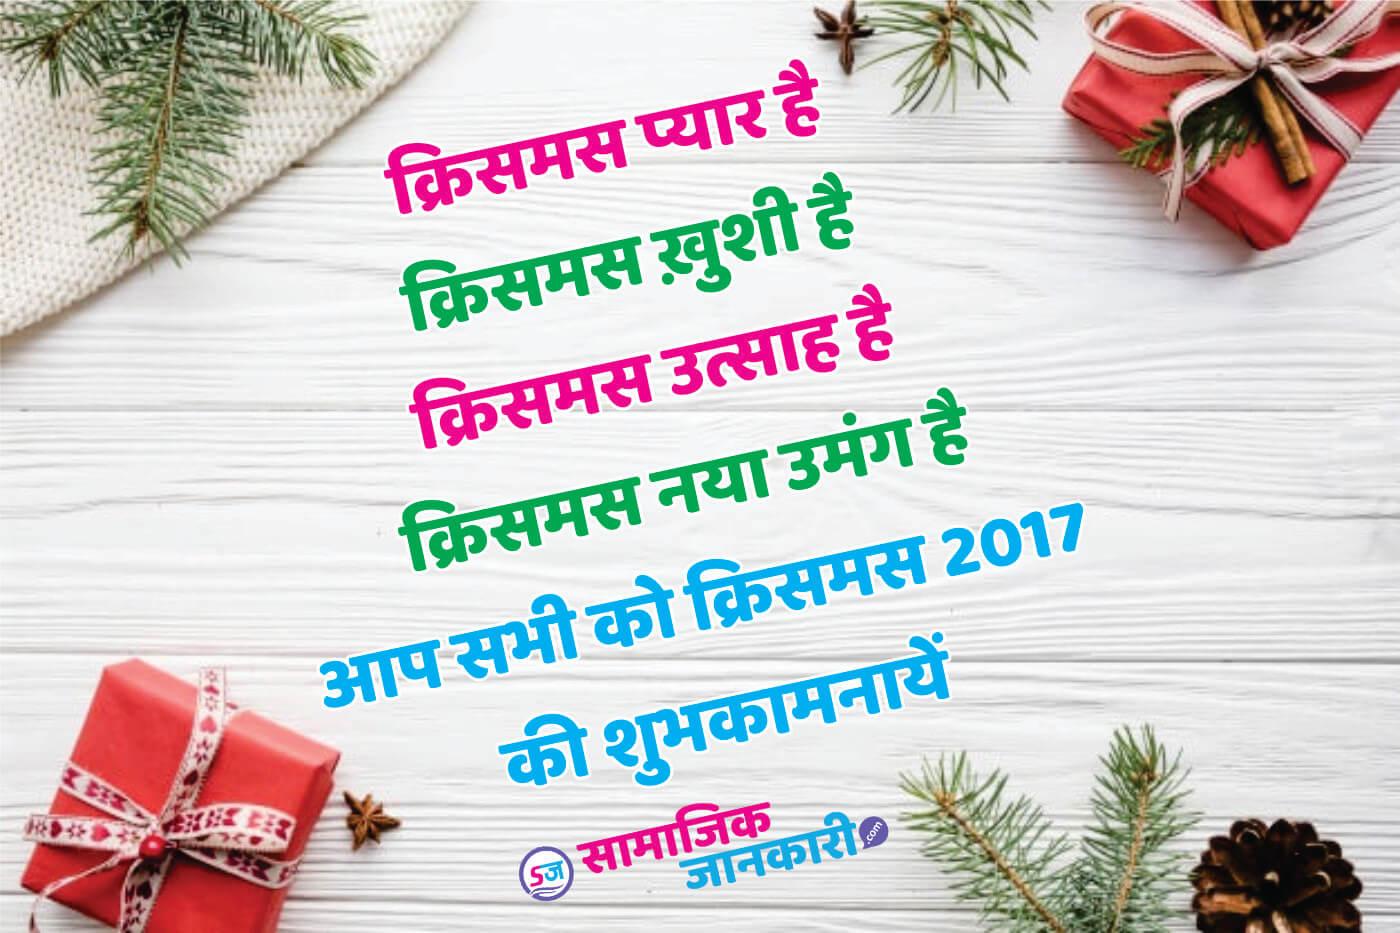 merry christmas wishes shayari in hindi 1